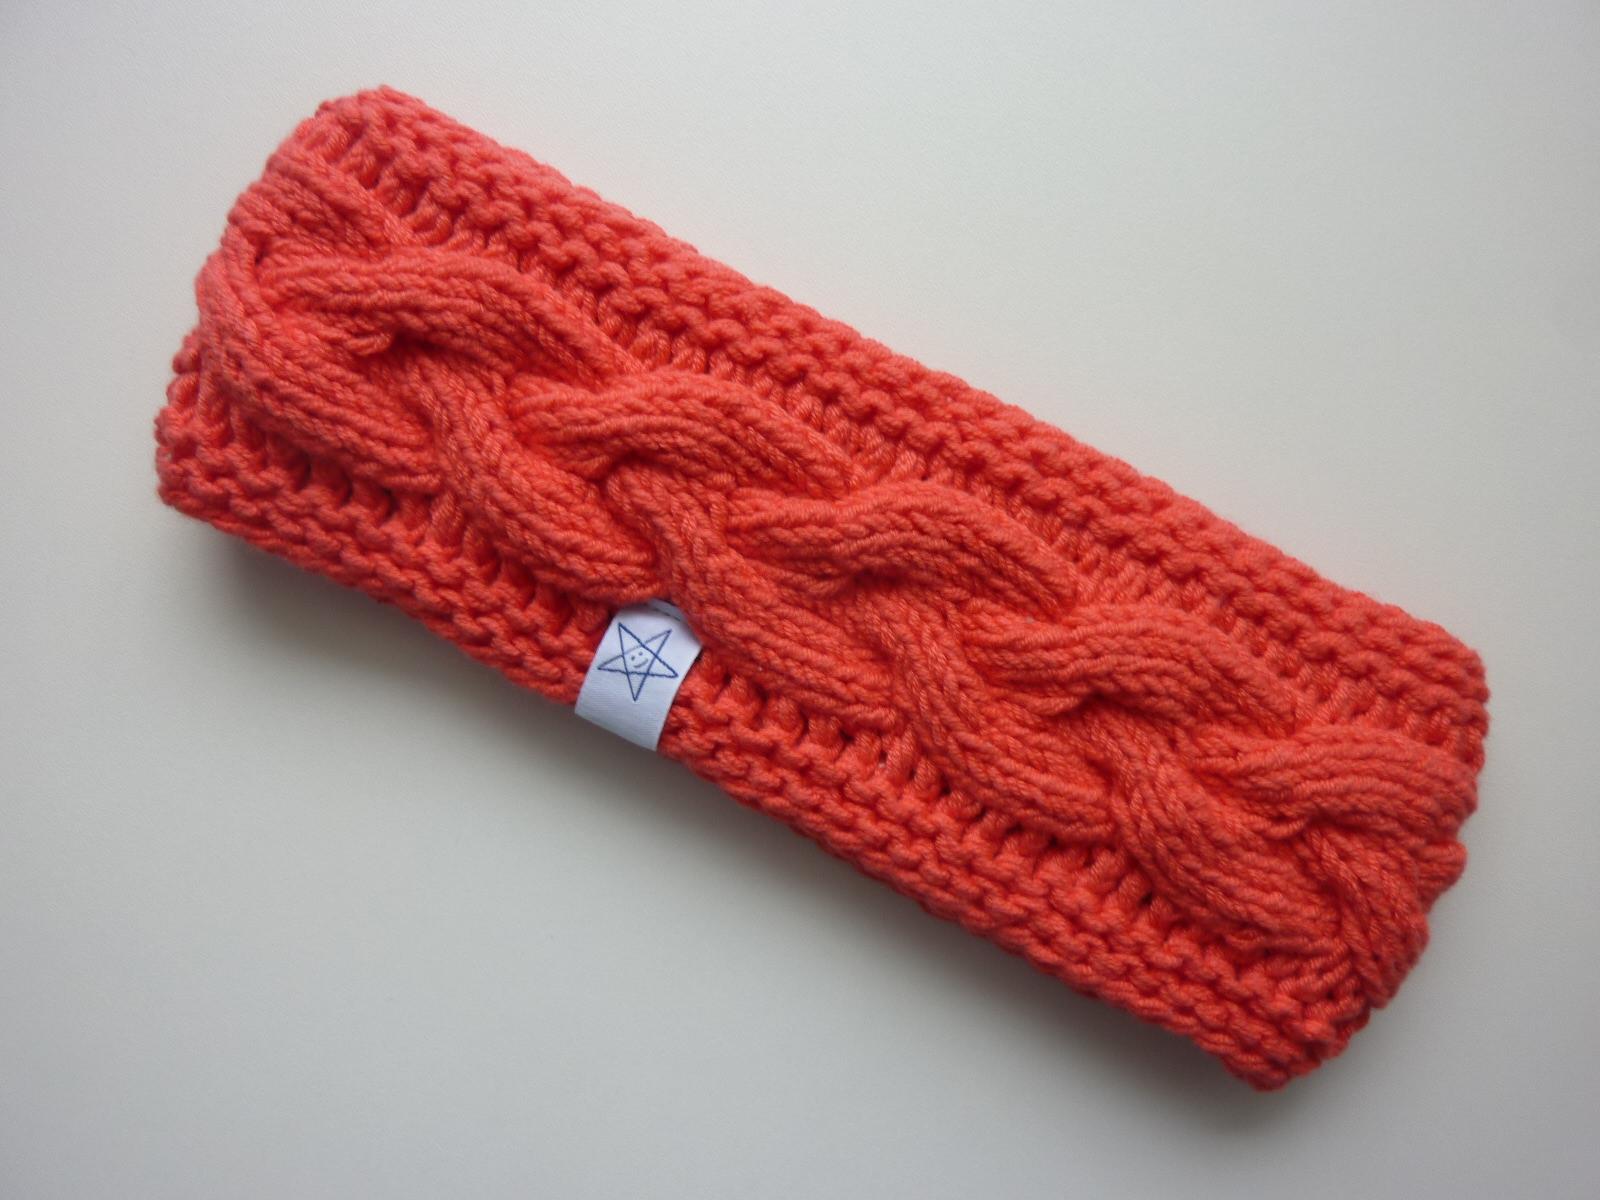 - gefüttertes Stirnband in hellrot aus Baumwolle handgestrickt - gefüttertes Stirnband in hellrot aus Baumwolle handgestrickt